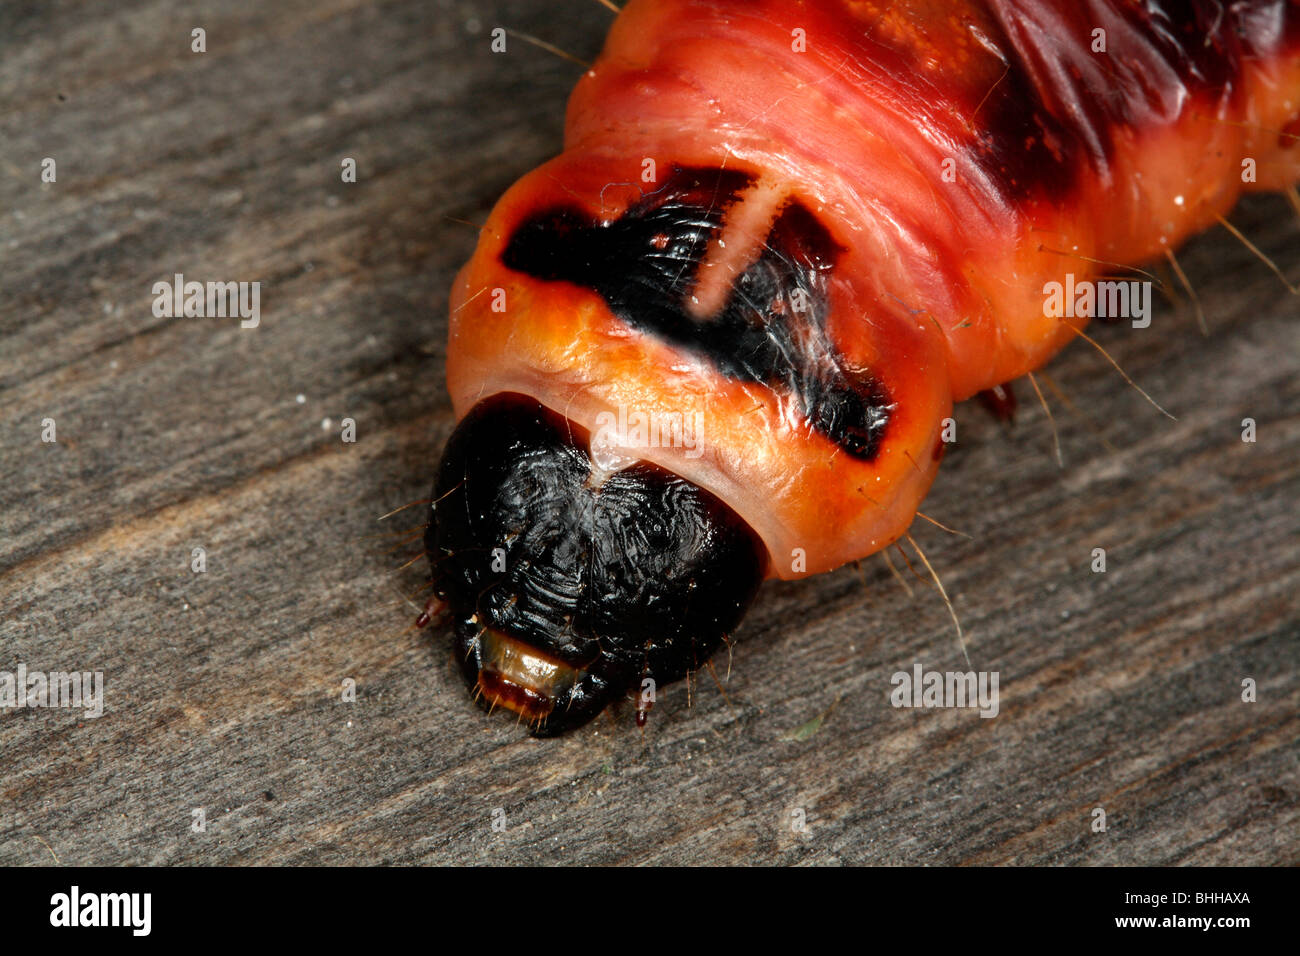 Cabra traça caterpillar, close-up, Suécia. Imagens de Stock